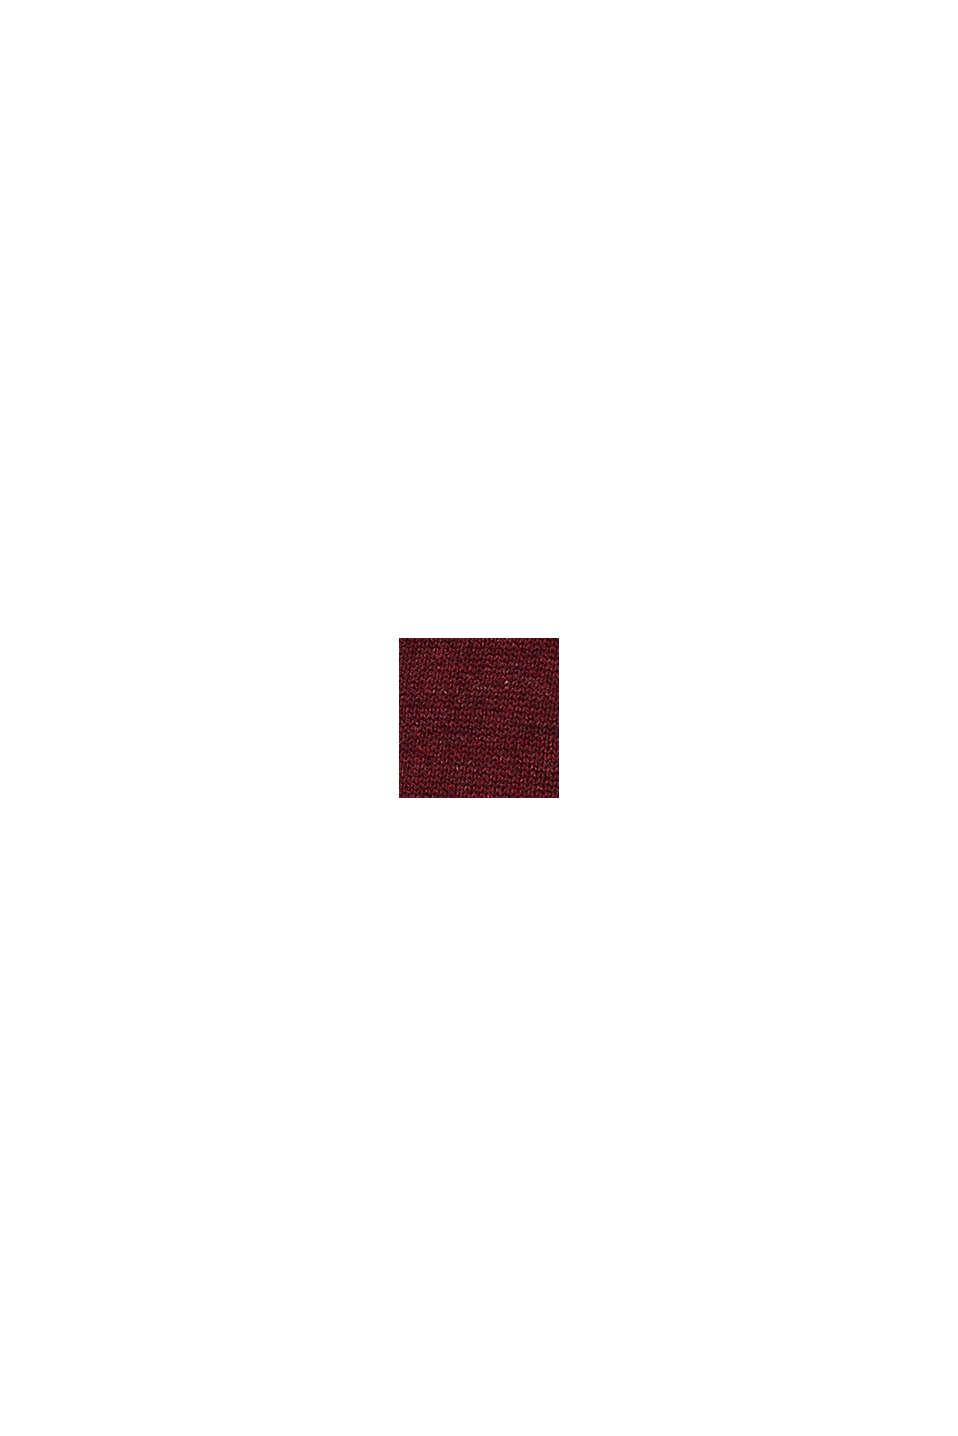 Jersey de escote en pico, 100% algodón, DARK RED, swatch